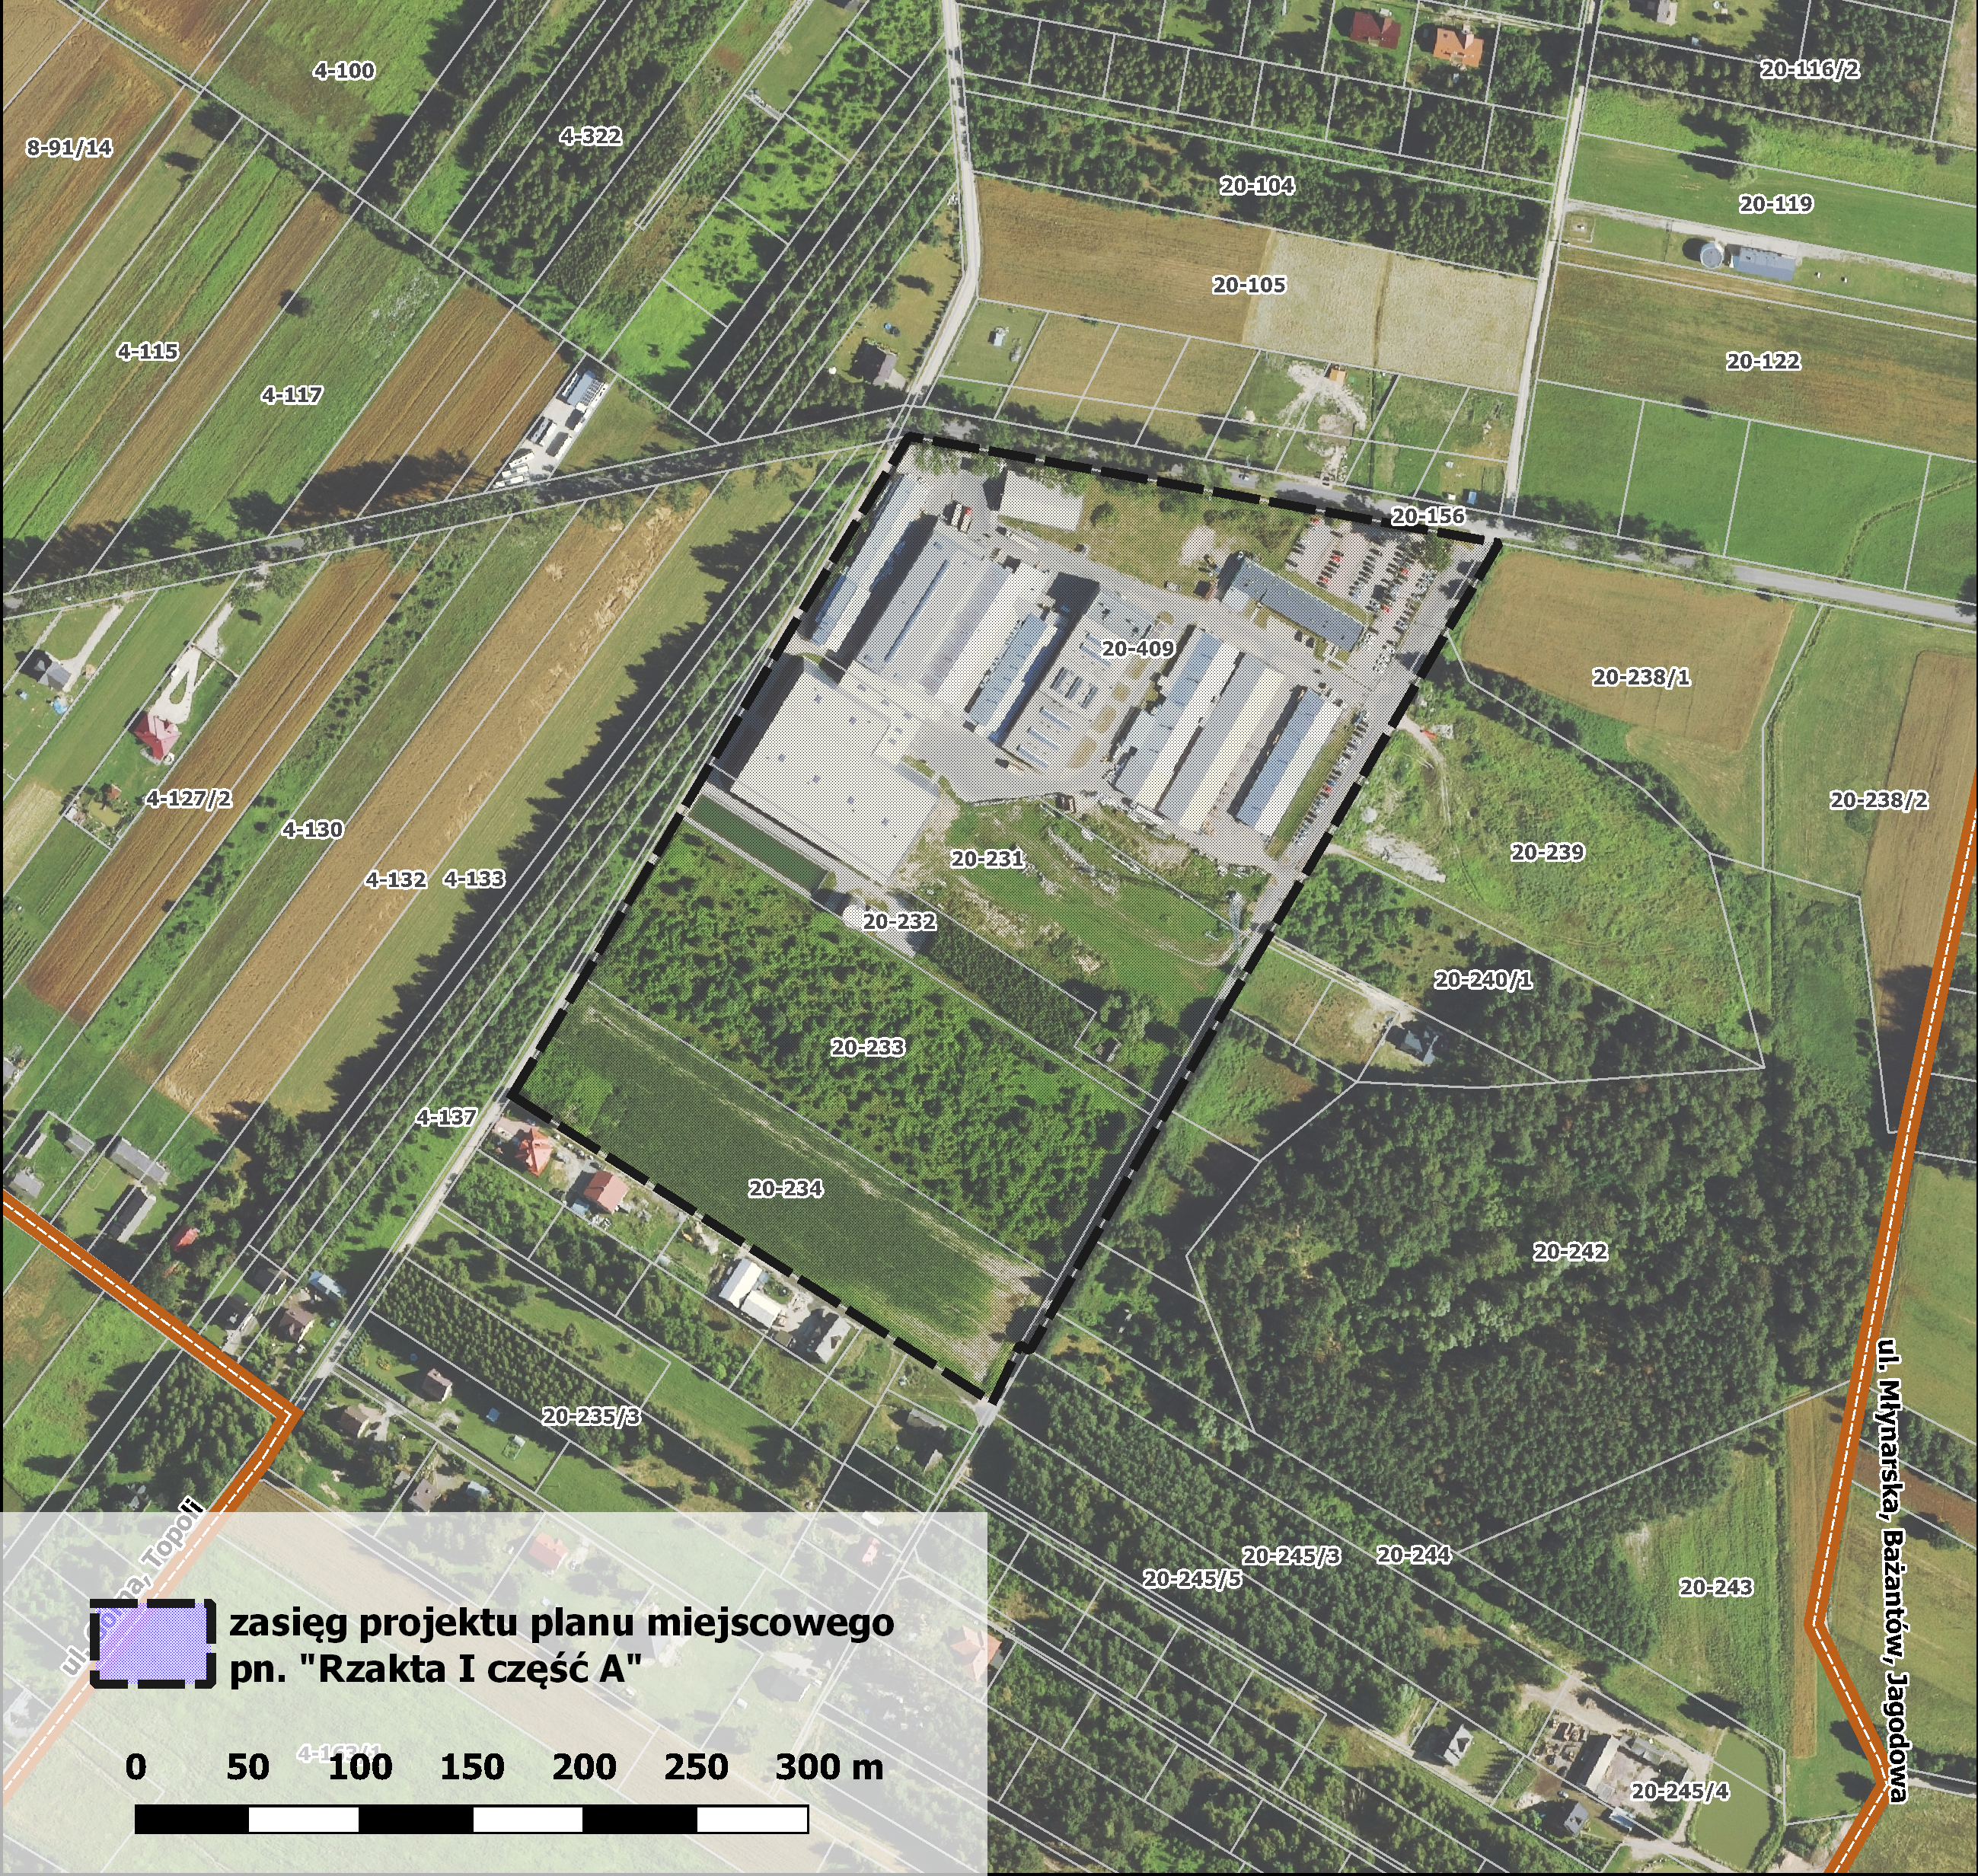 """Mapa projektu miejscowego planu zagospodarowania """"Rzakta I część A"""""""